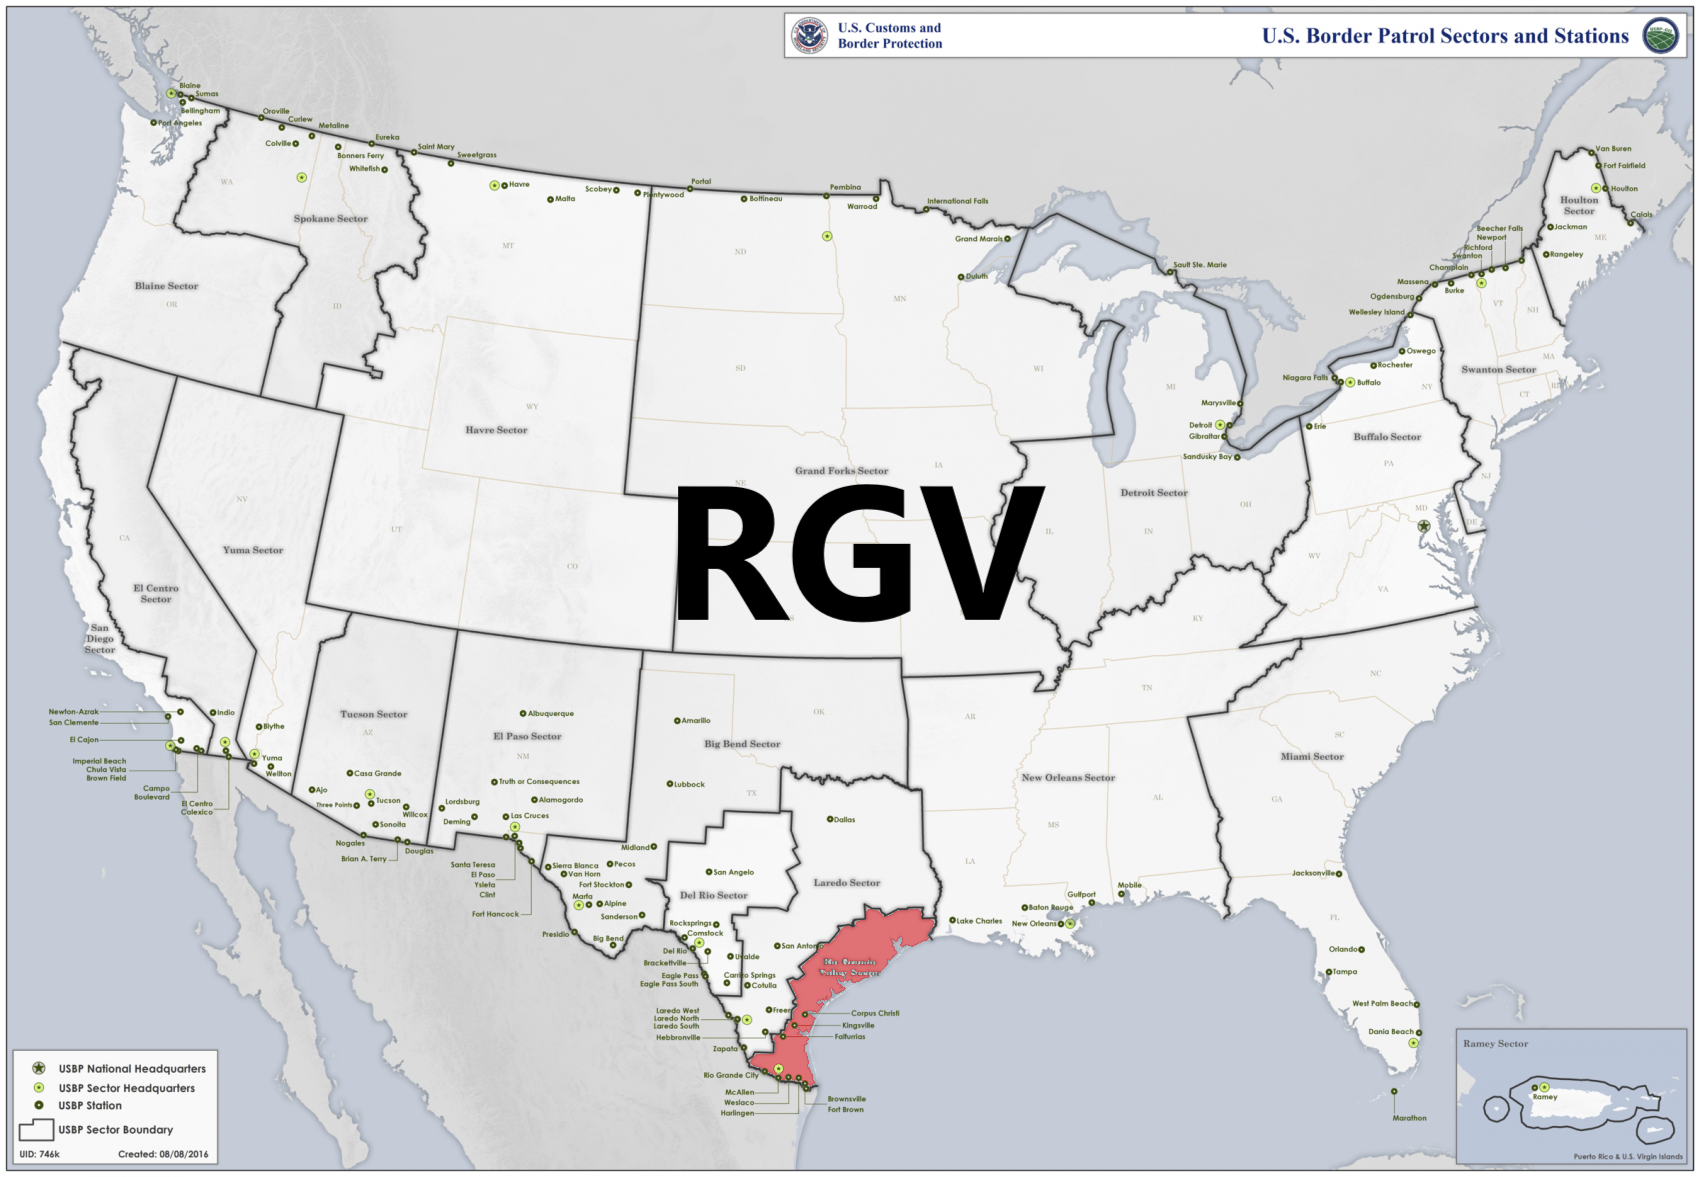 Border patrol sectors map - RGV.png